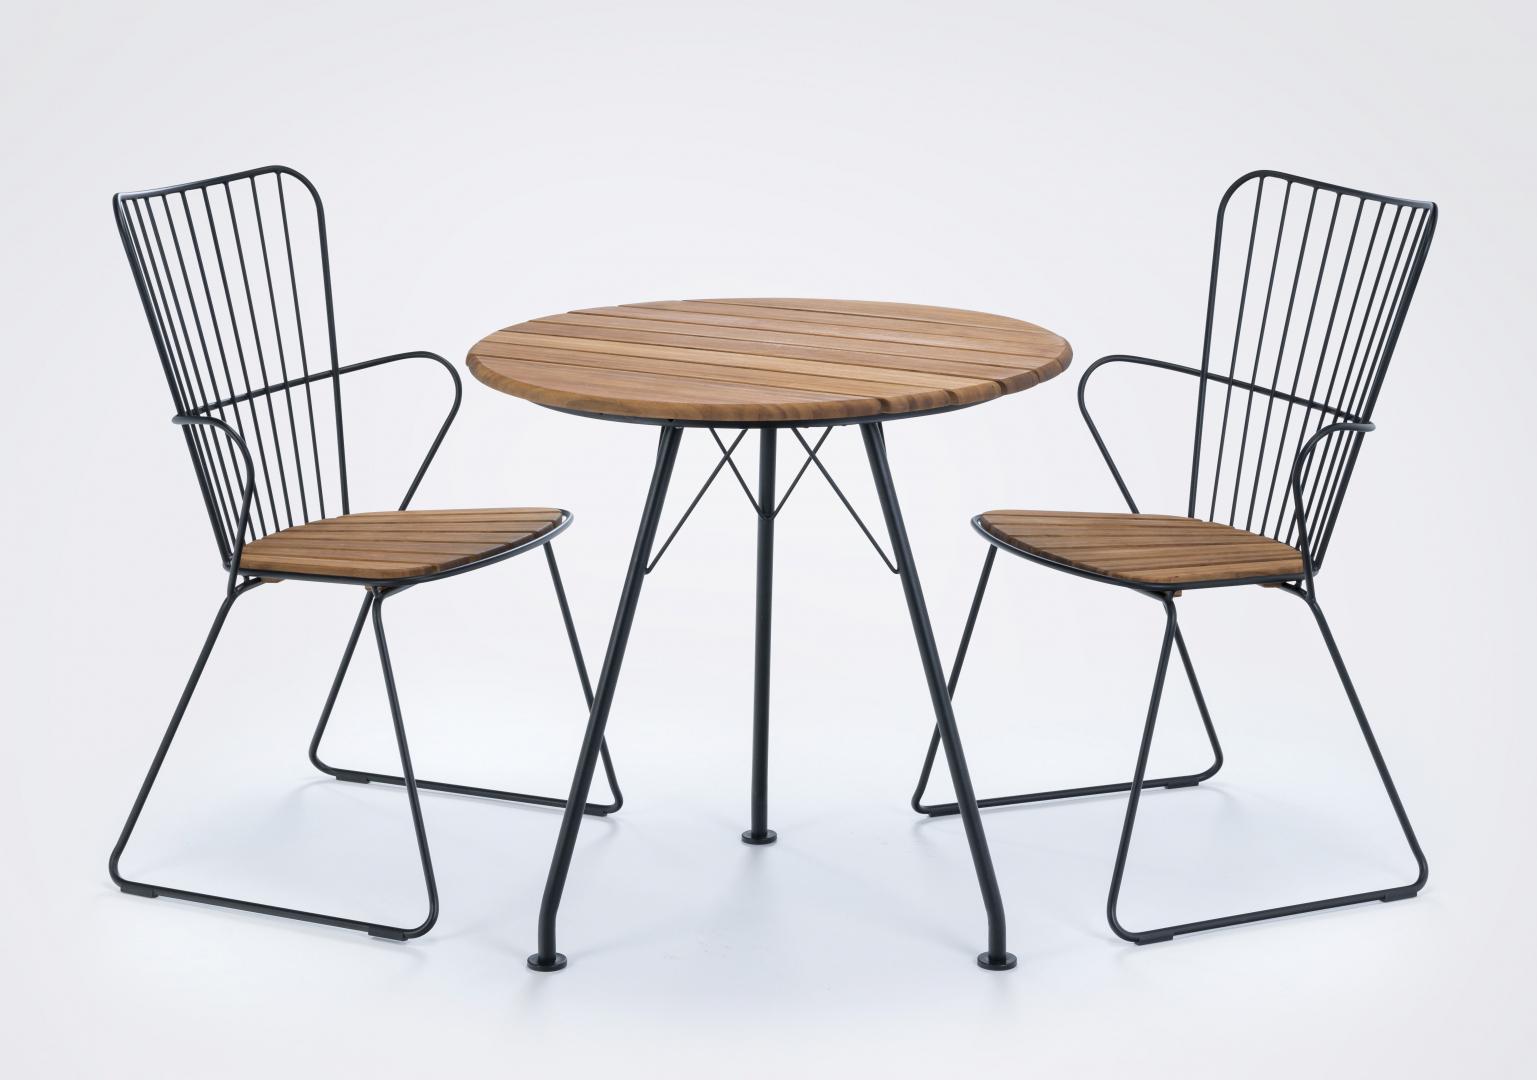 Table de jardin Circum - HOUE